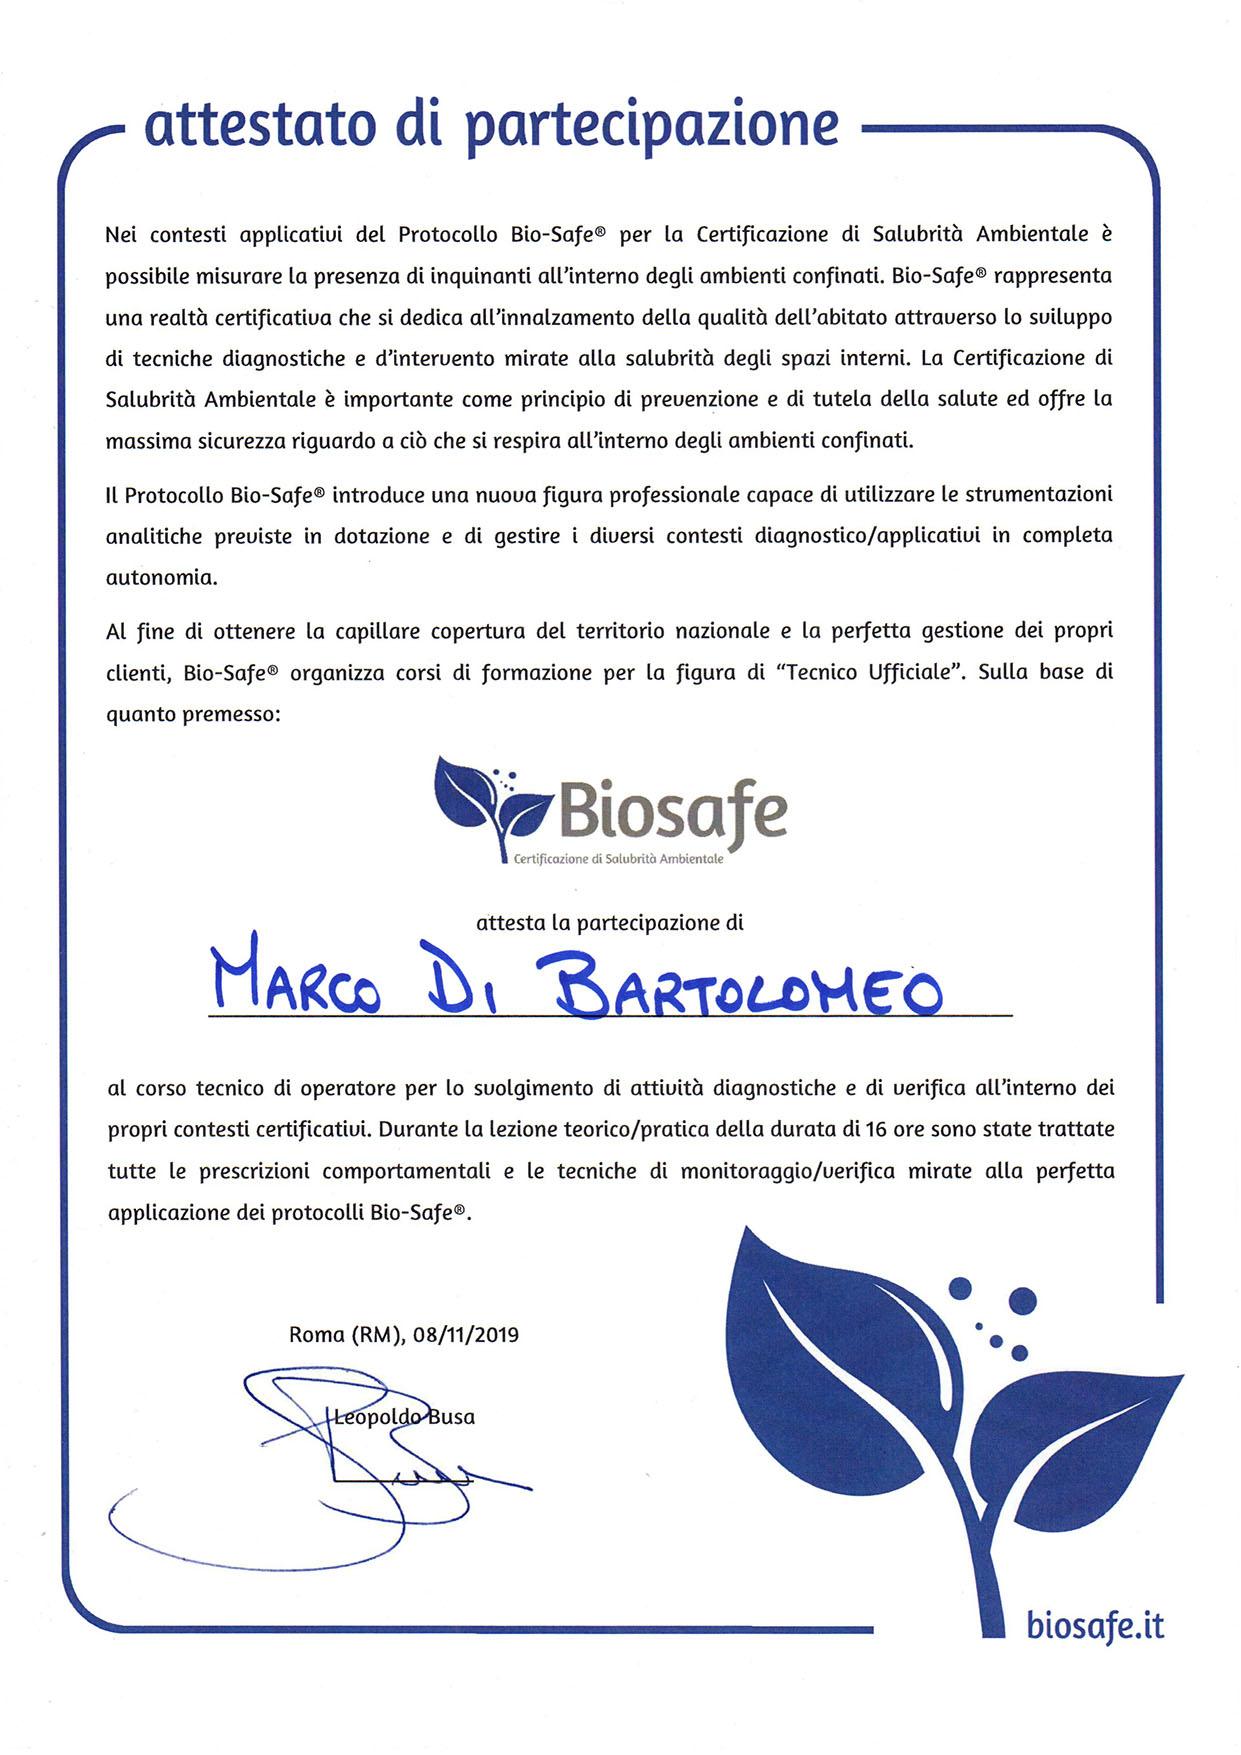 Protocollo di salubrità e qualità dell'aria degli ambienti interni BioSafe in Campania Salerno Napoli Avellino Benevento Baserta